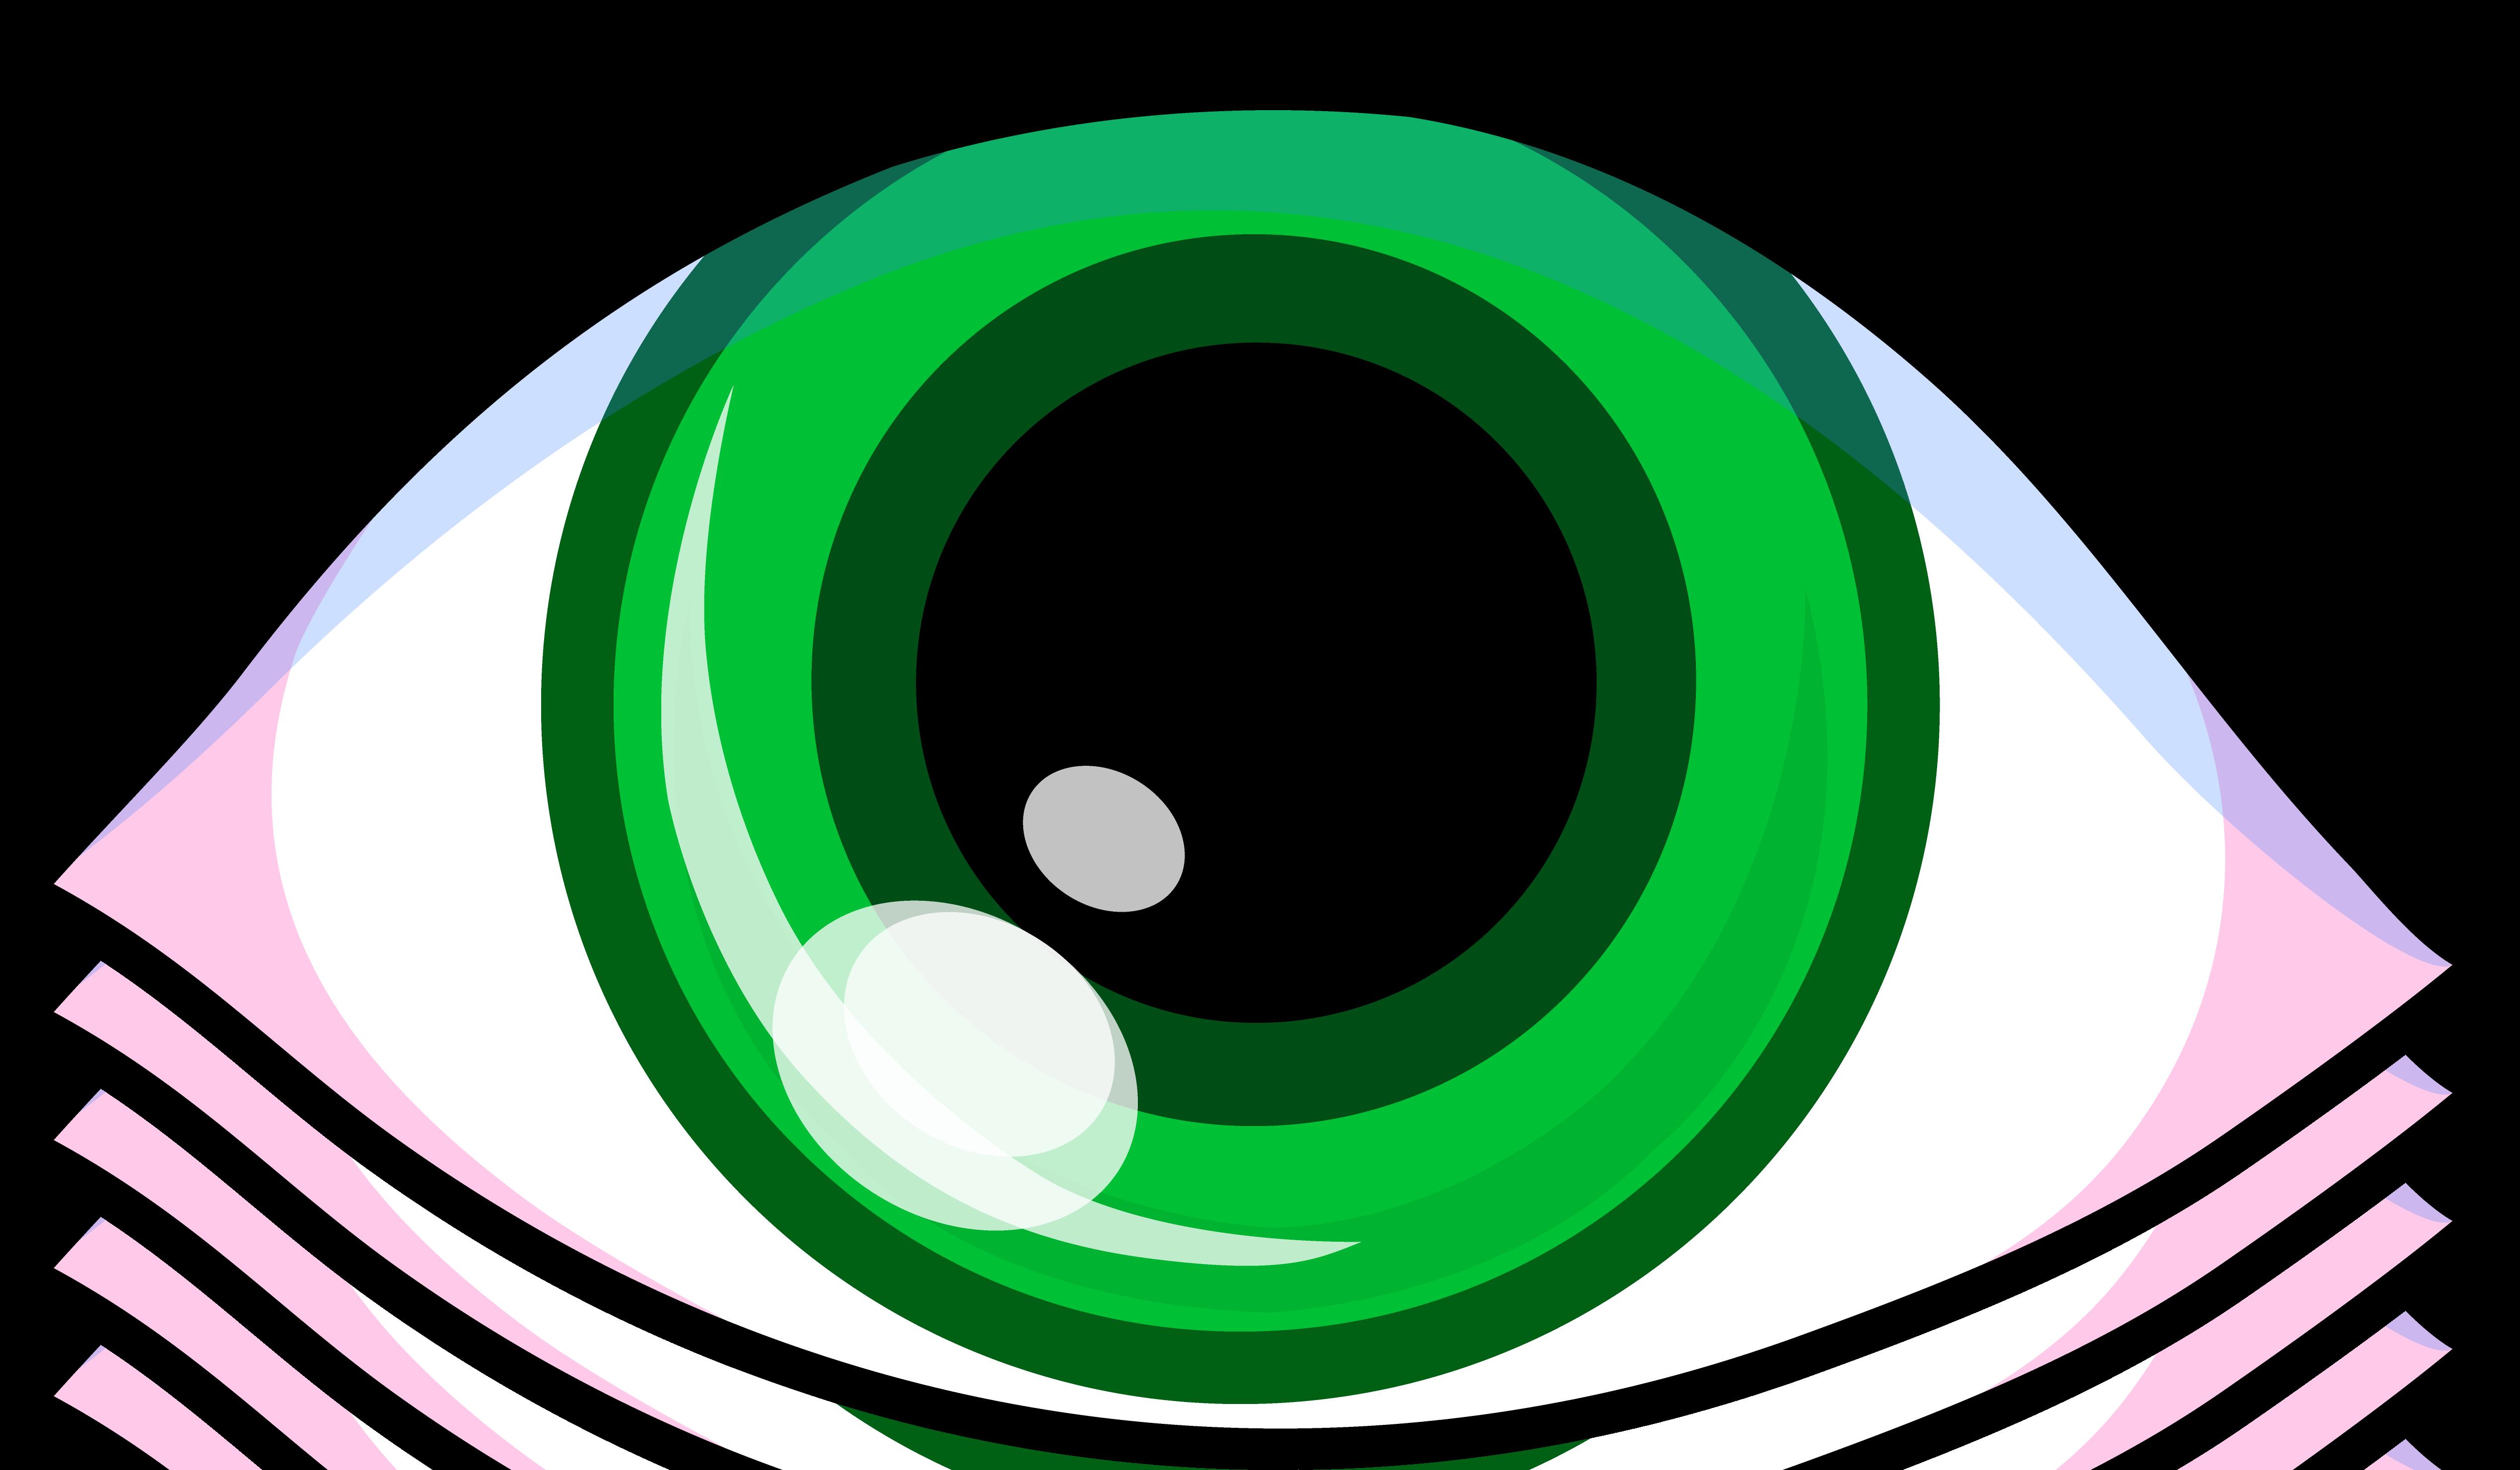 5076x2962 Green Eye Design